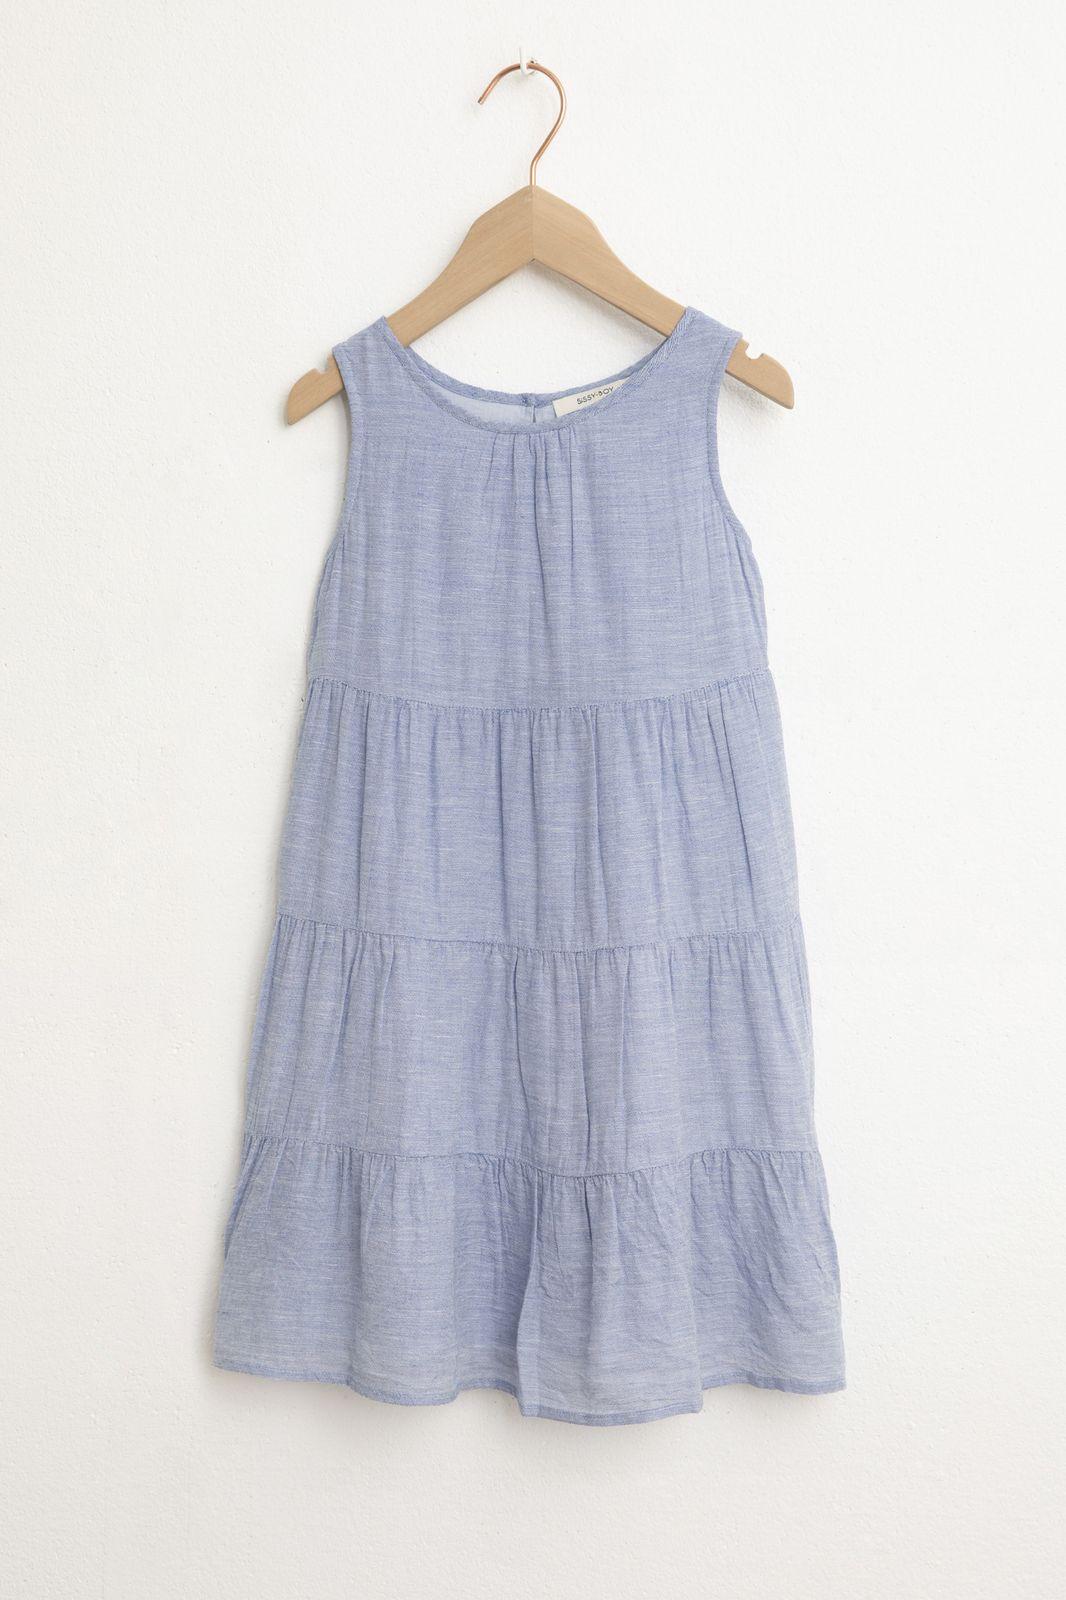 Blauwe jurk met ruffles